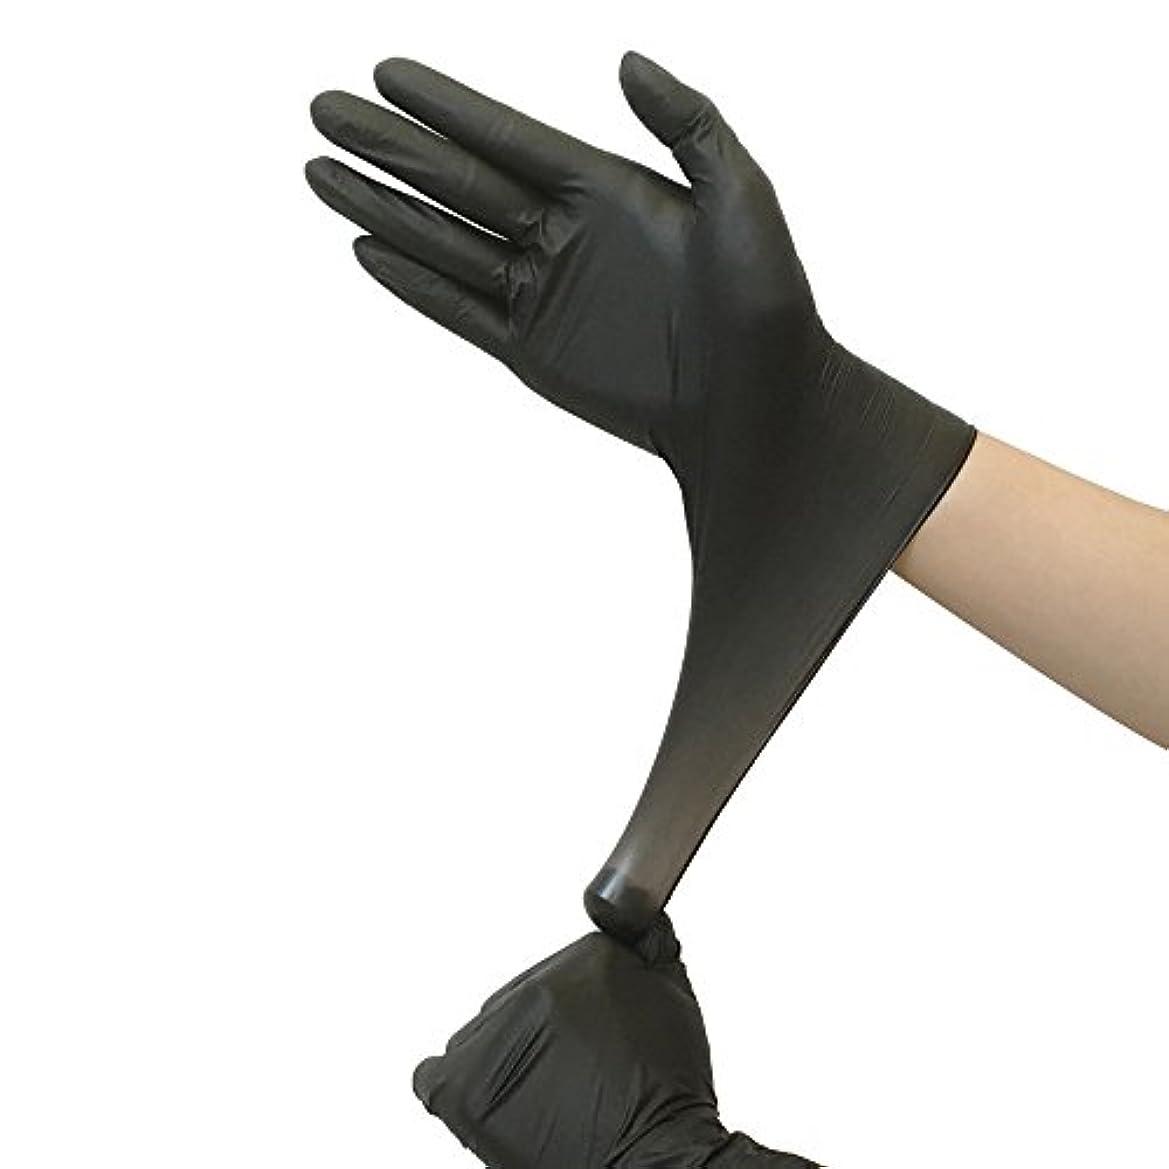 ミケランジェロキャンパスストレージニトリル手袋  使い捨て手袋 粉なし 100枚入 ブラック